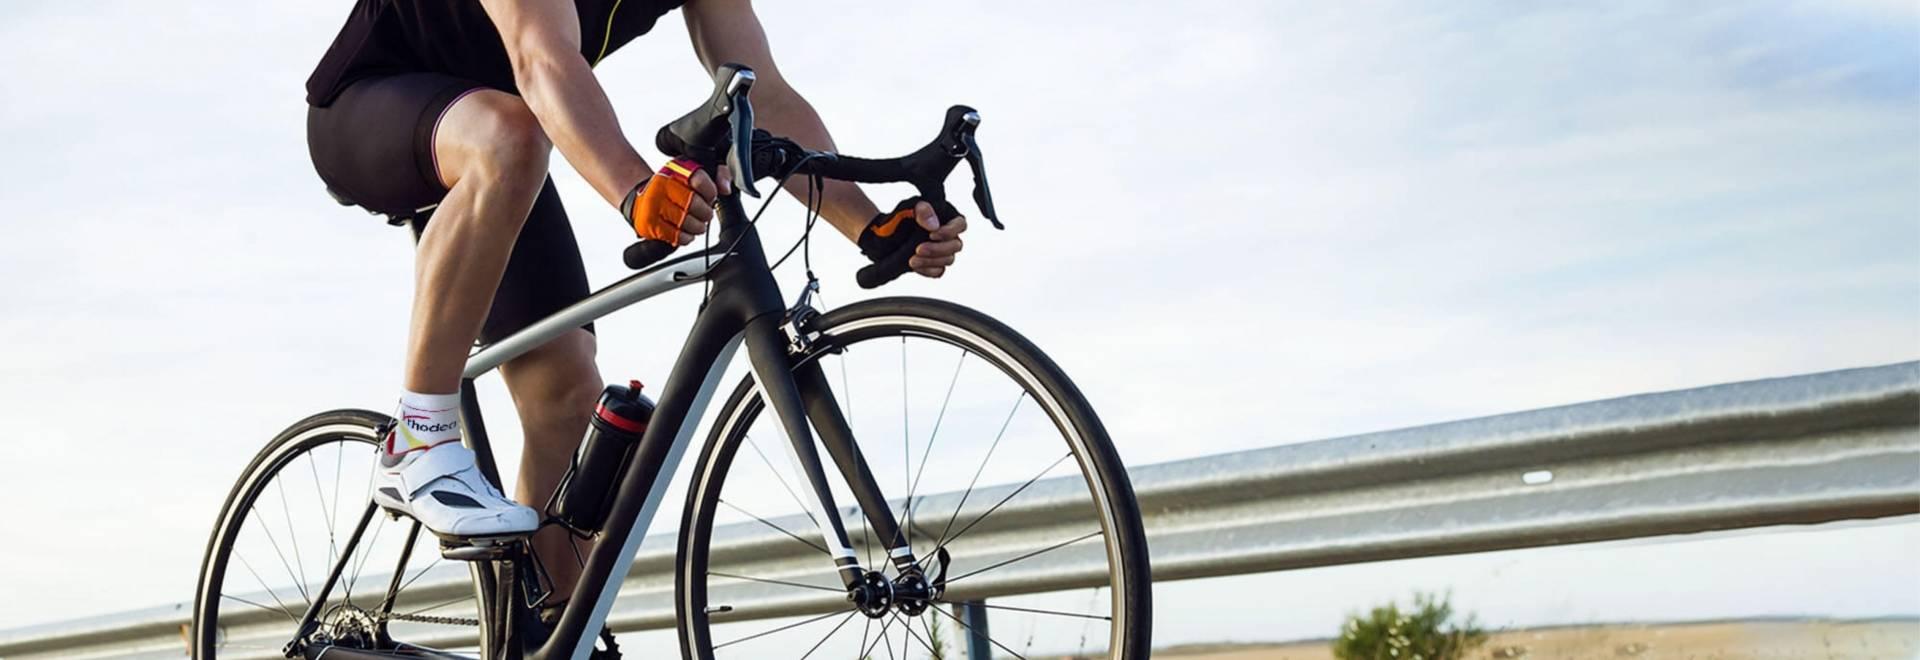 Rhodea Fahrradsocken